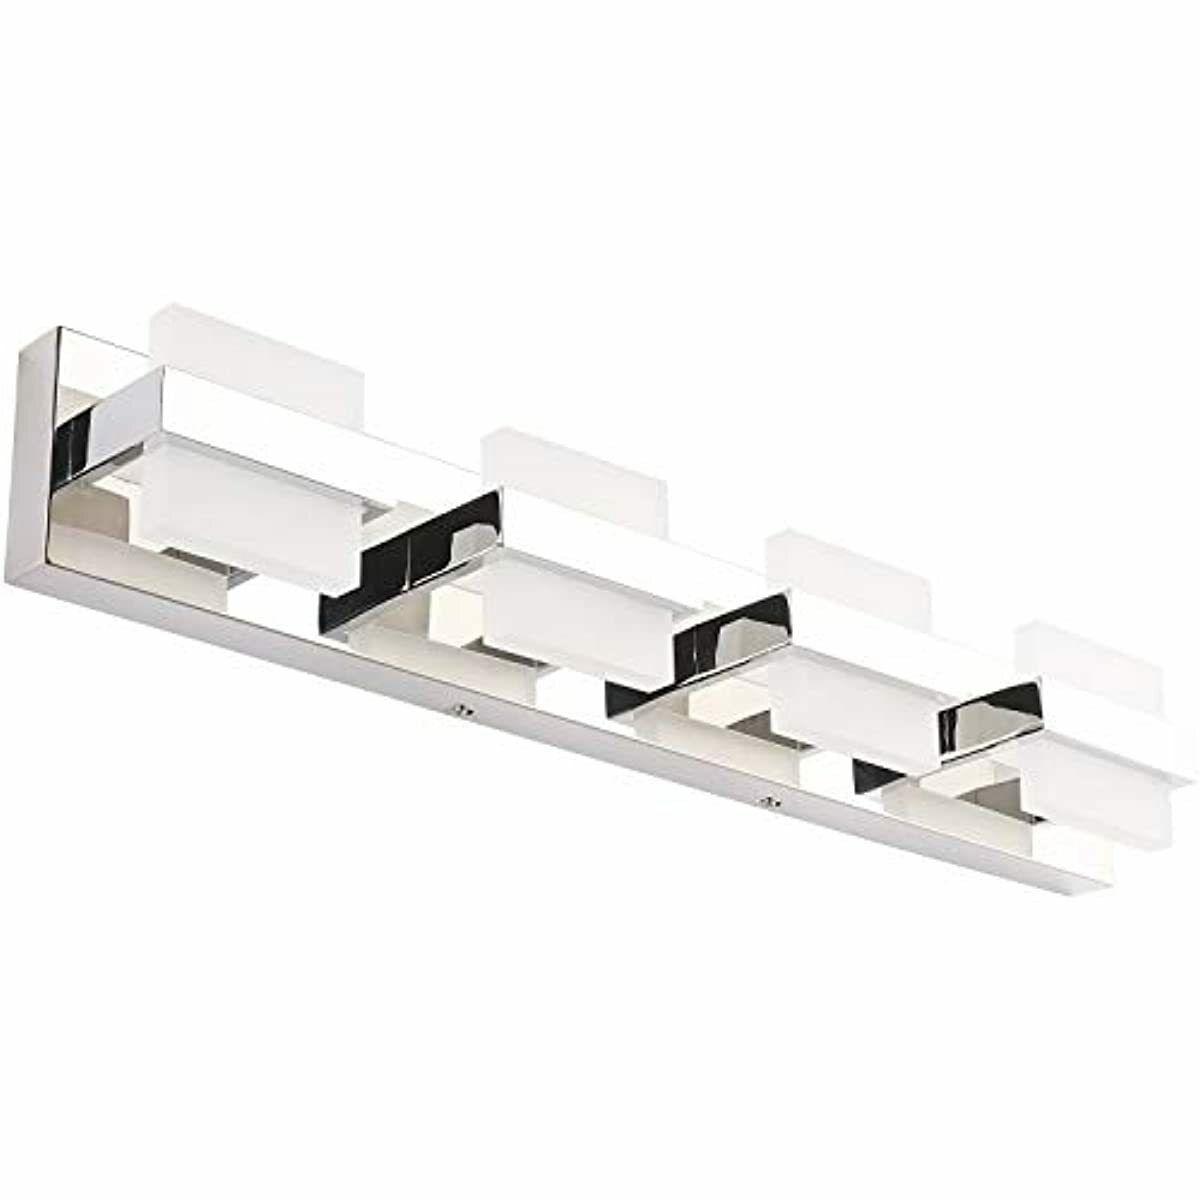 Image of: Solfart Modern 4 Lights Led Vanity Lights For Bathroom Wall Light Fixture Decor For Sale Online Ebay